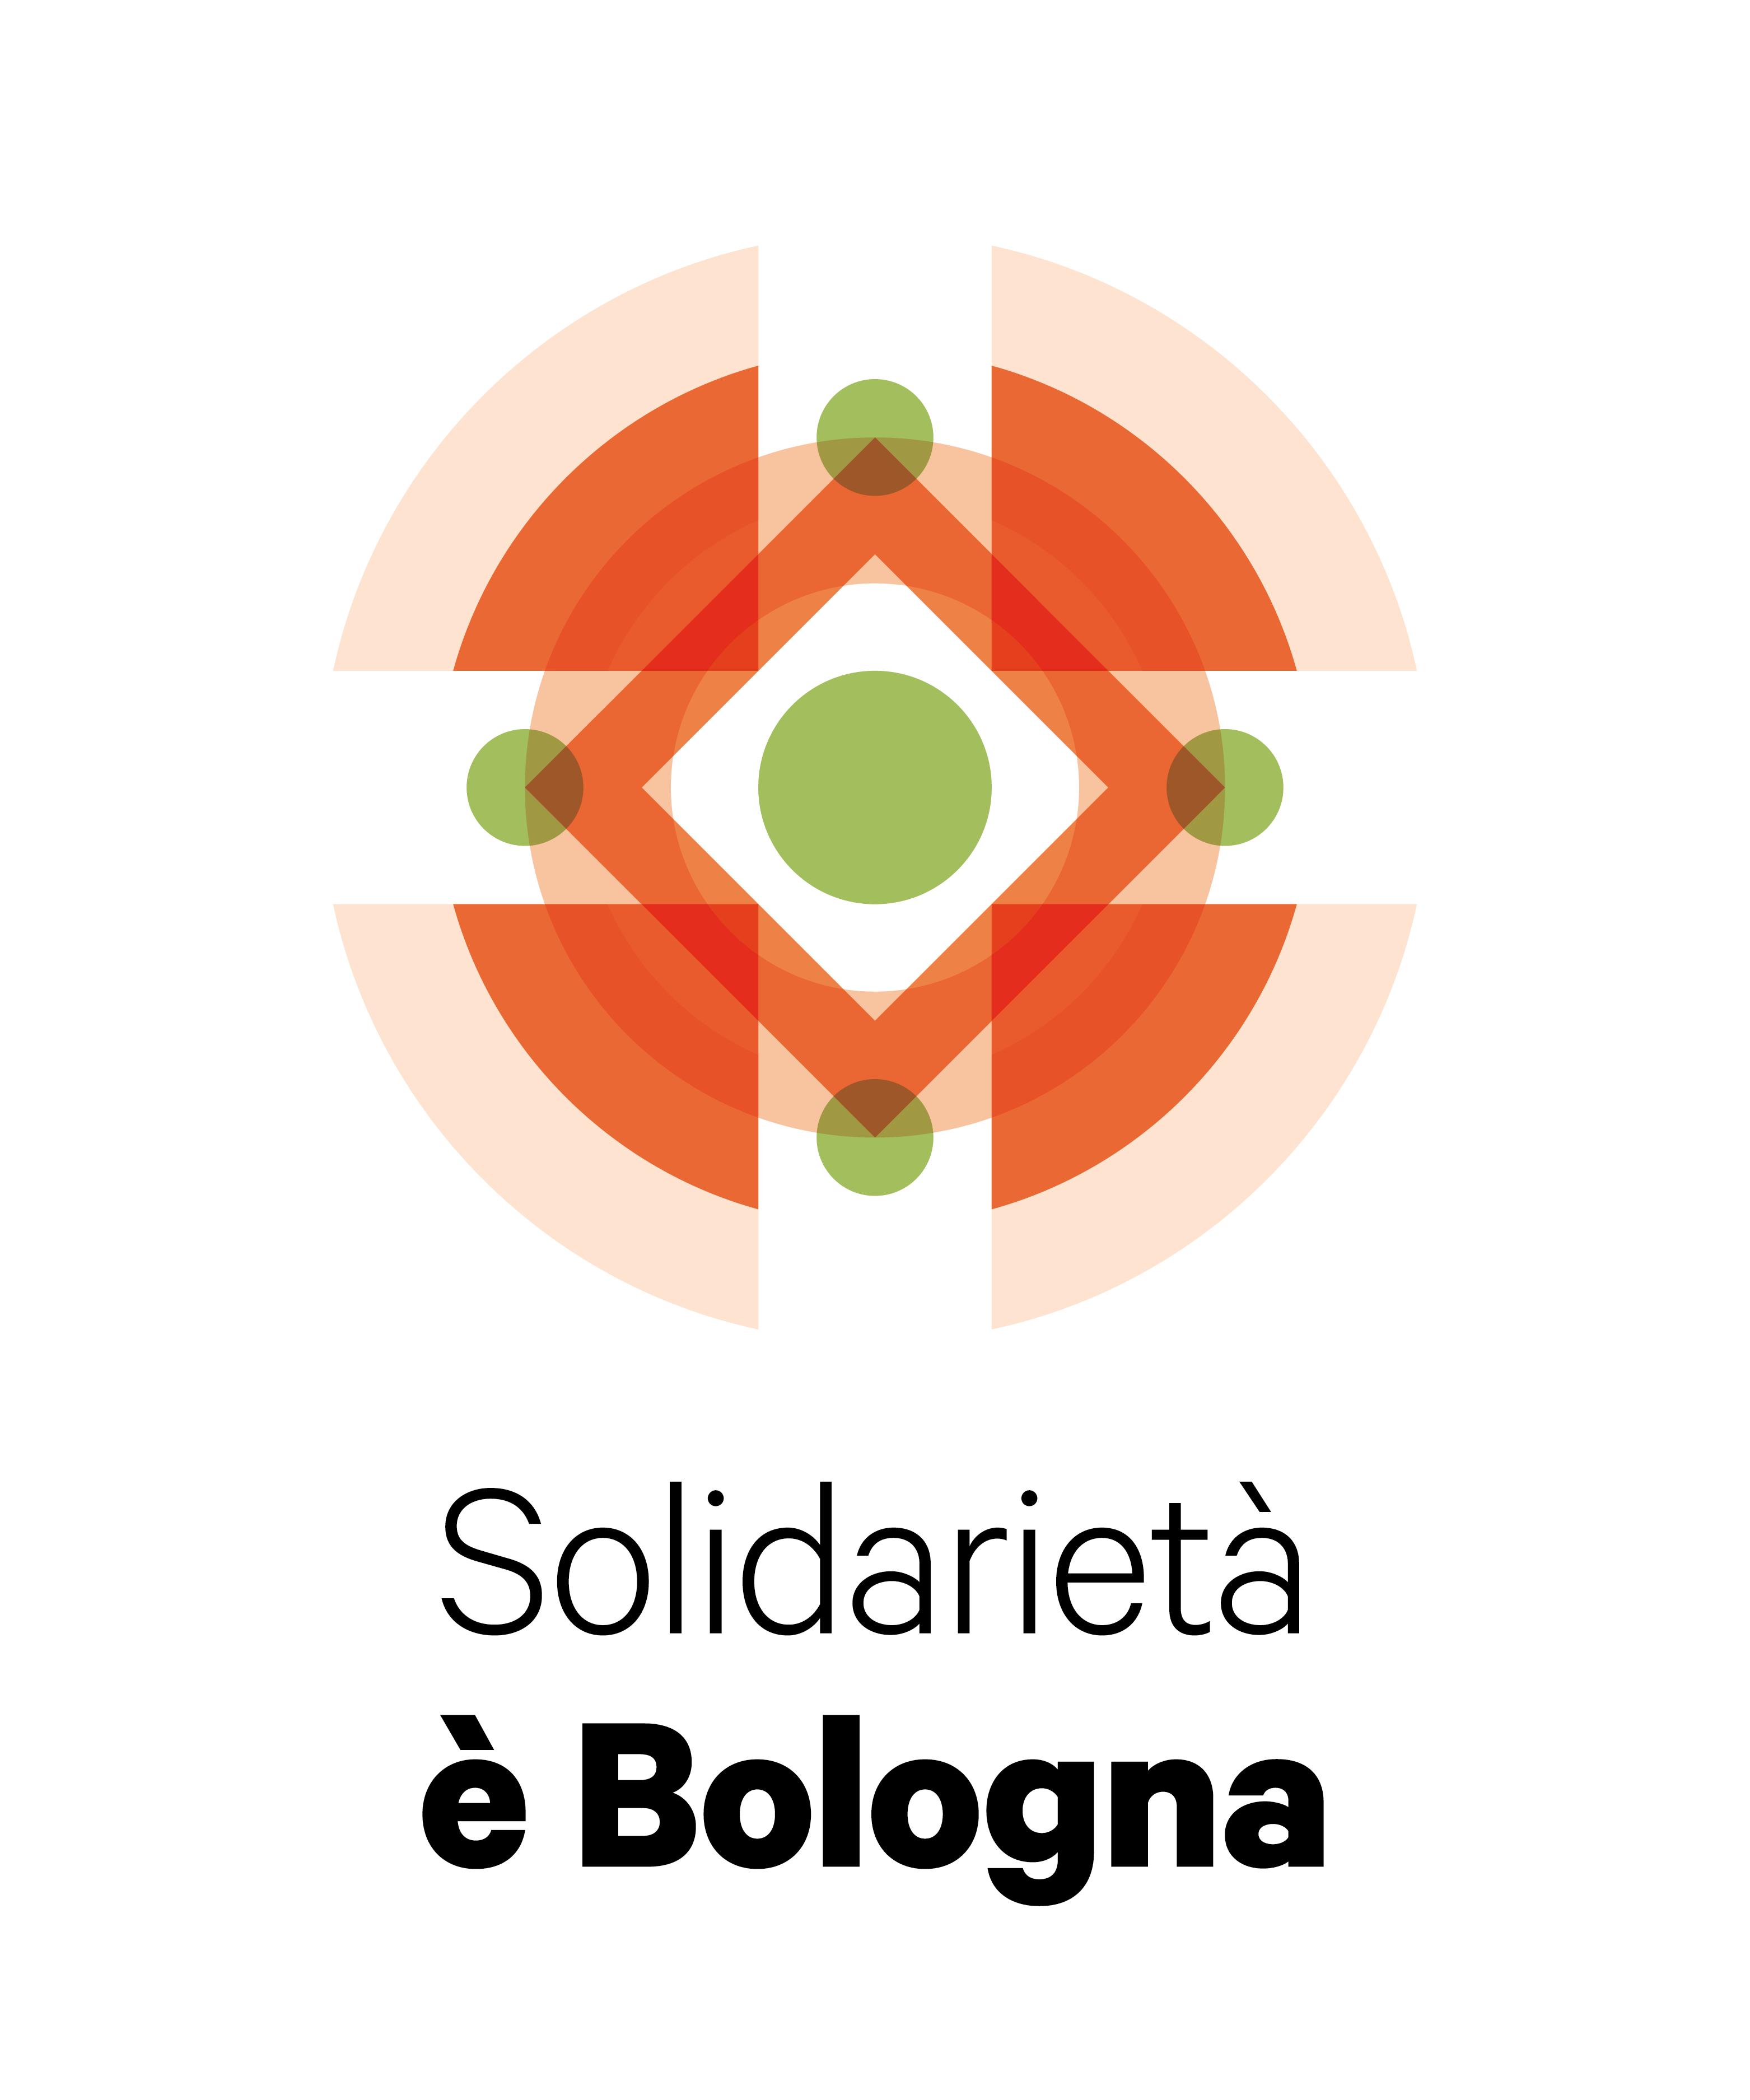 èBologna_Solidarieta_COL